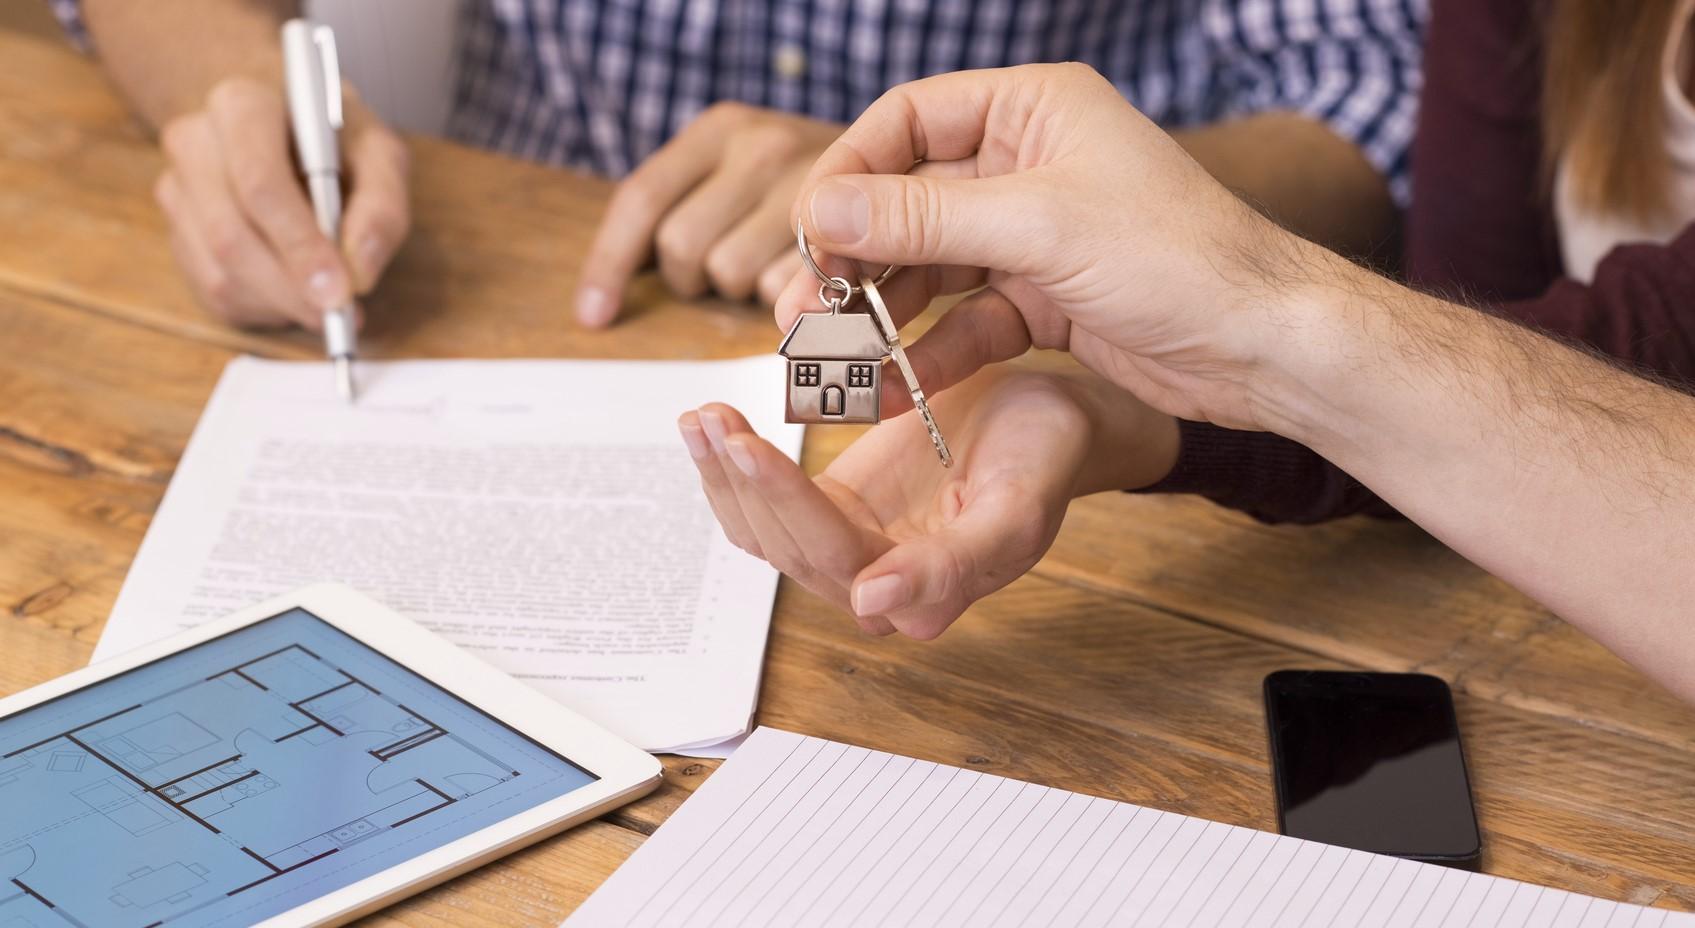 Ein Mann unterschreibt einen Kaufvertrag für eine Wohnung, während seine Frau die Schlüssel entgegennimmt.